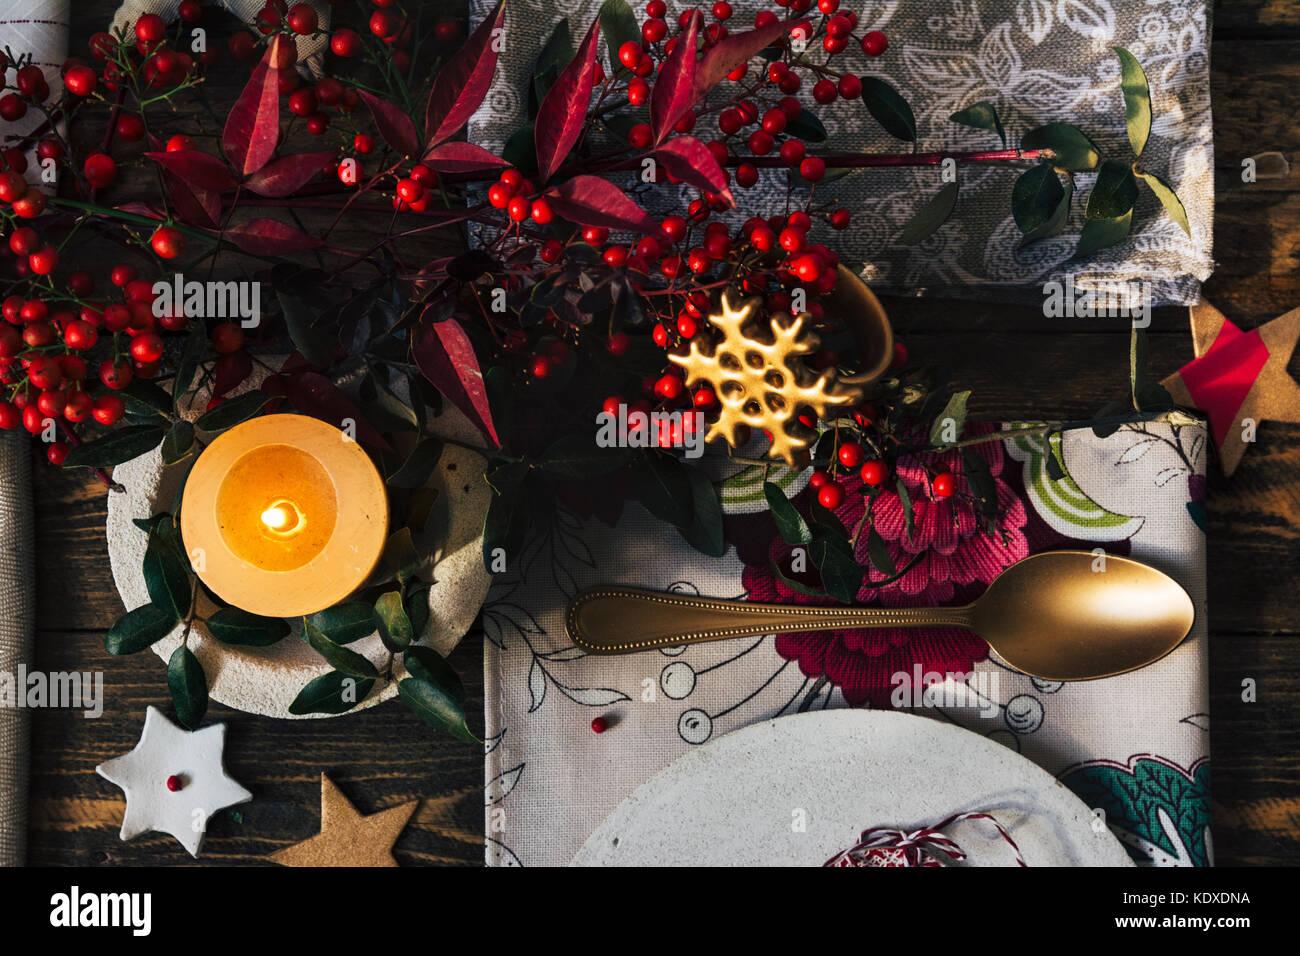 Der Weihnachten.Kerze Auf Der Weihnachten Tabelle Durch Festliche Dekoration